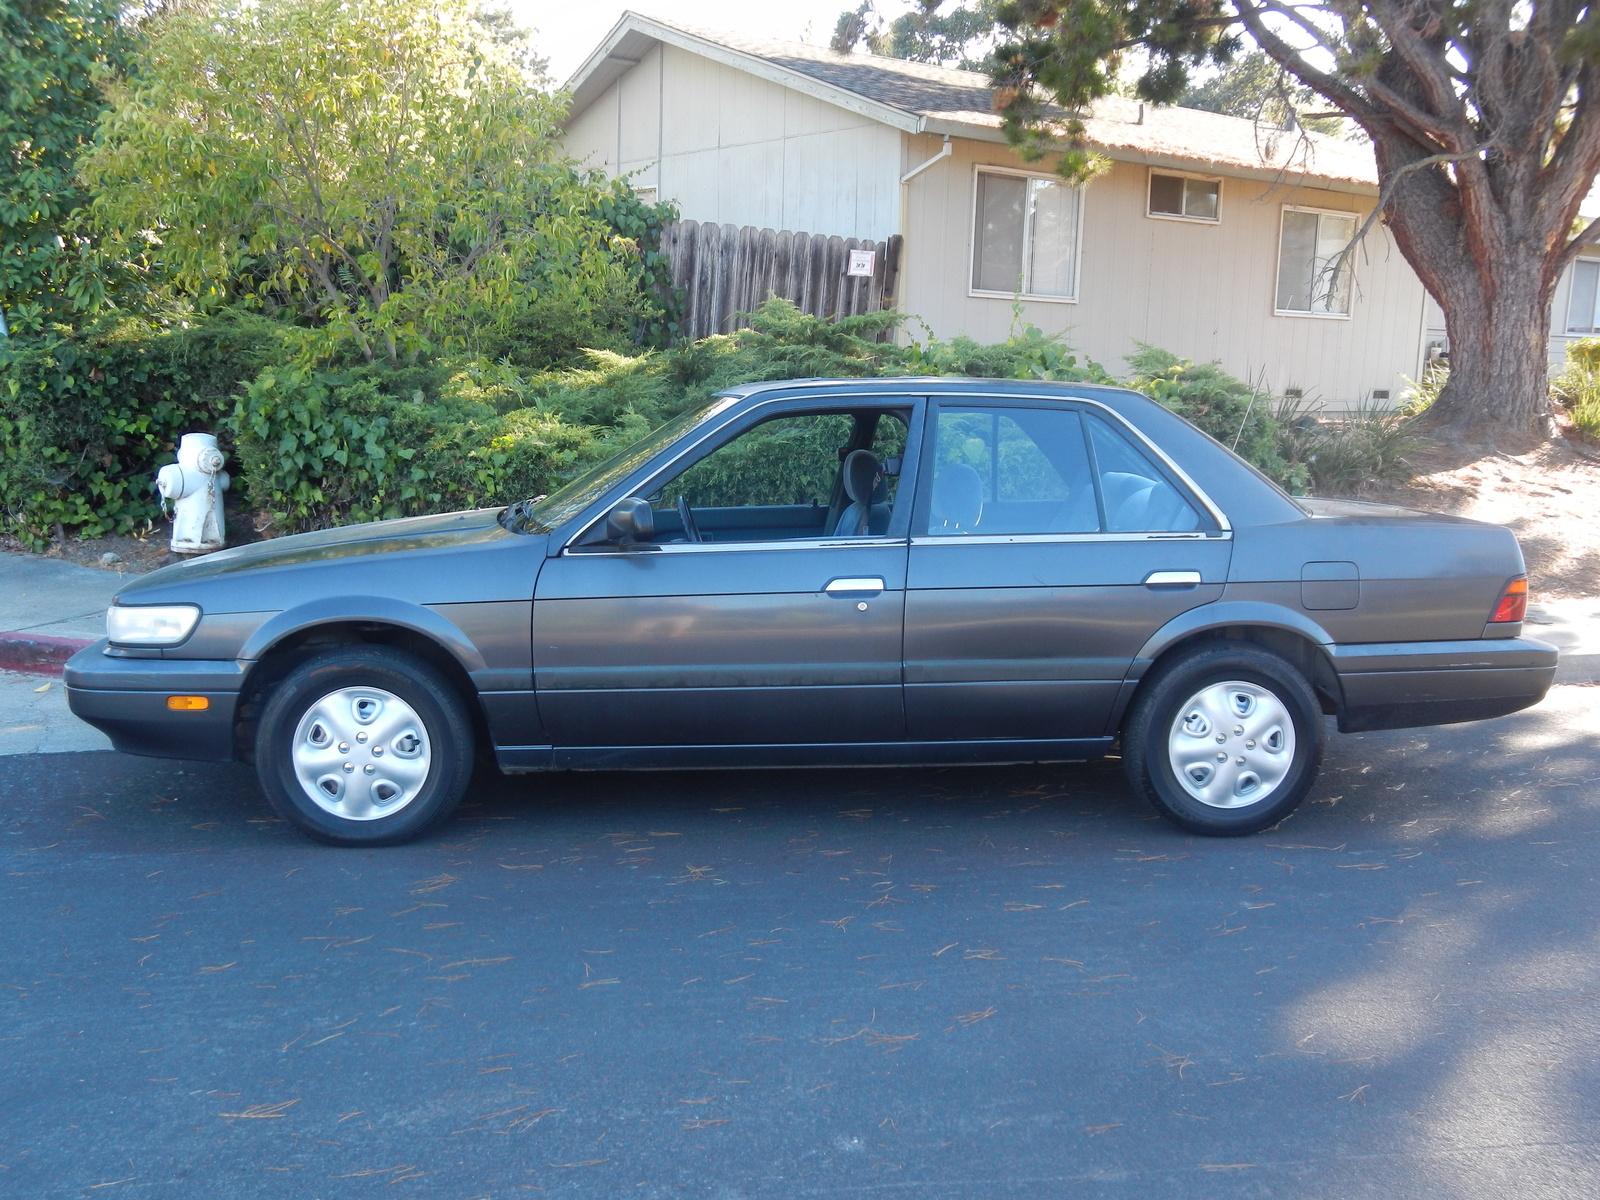 Nissan stanza 1990